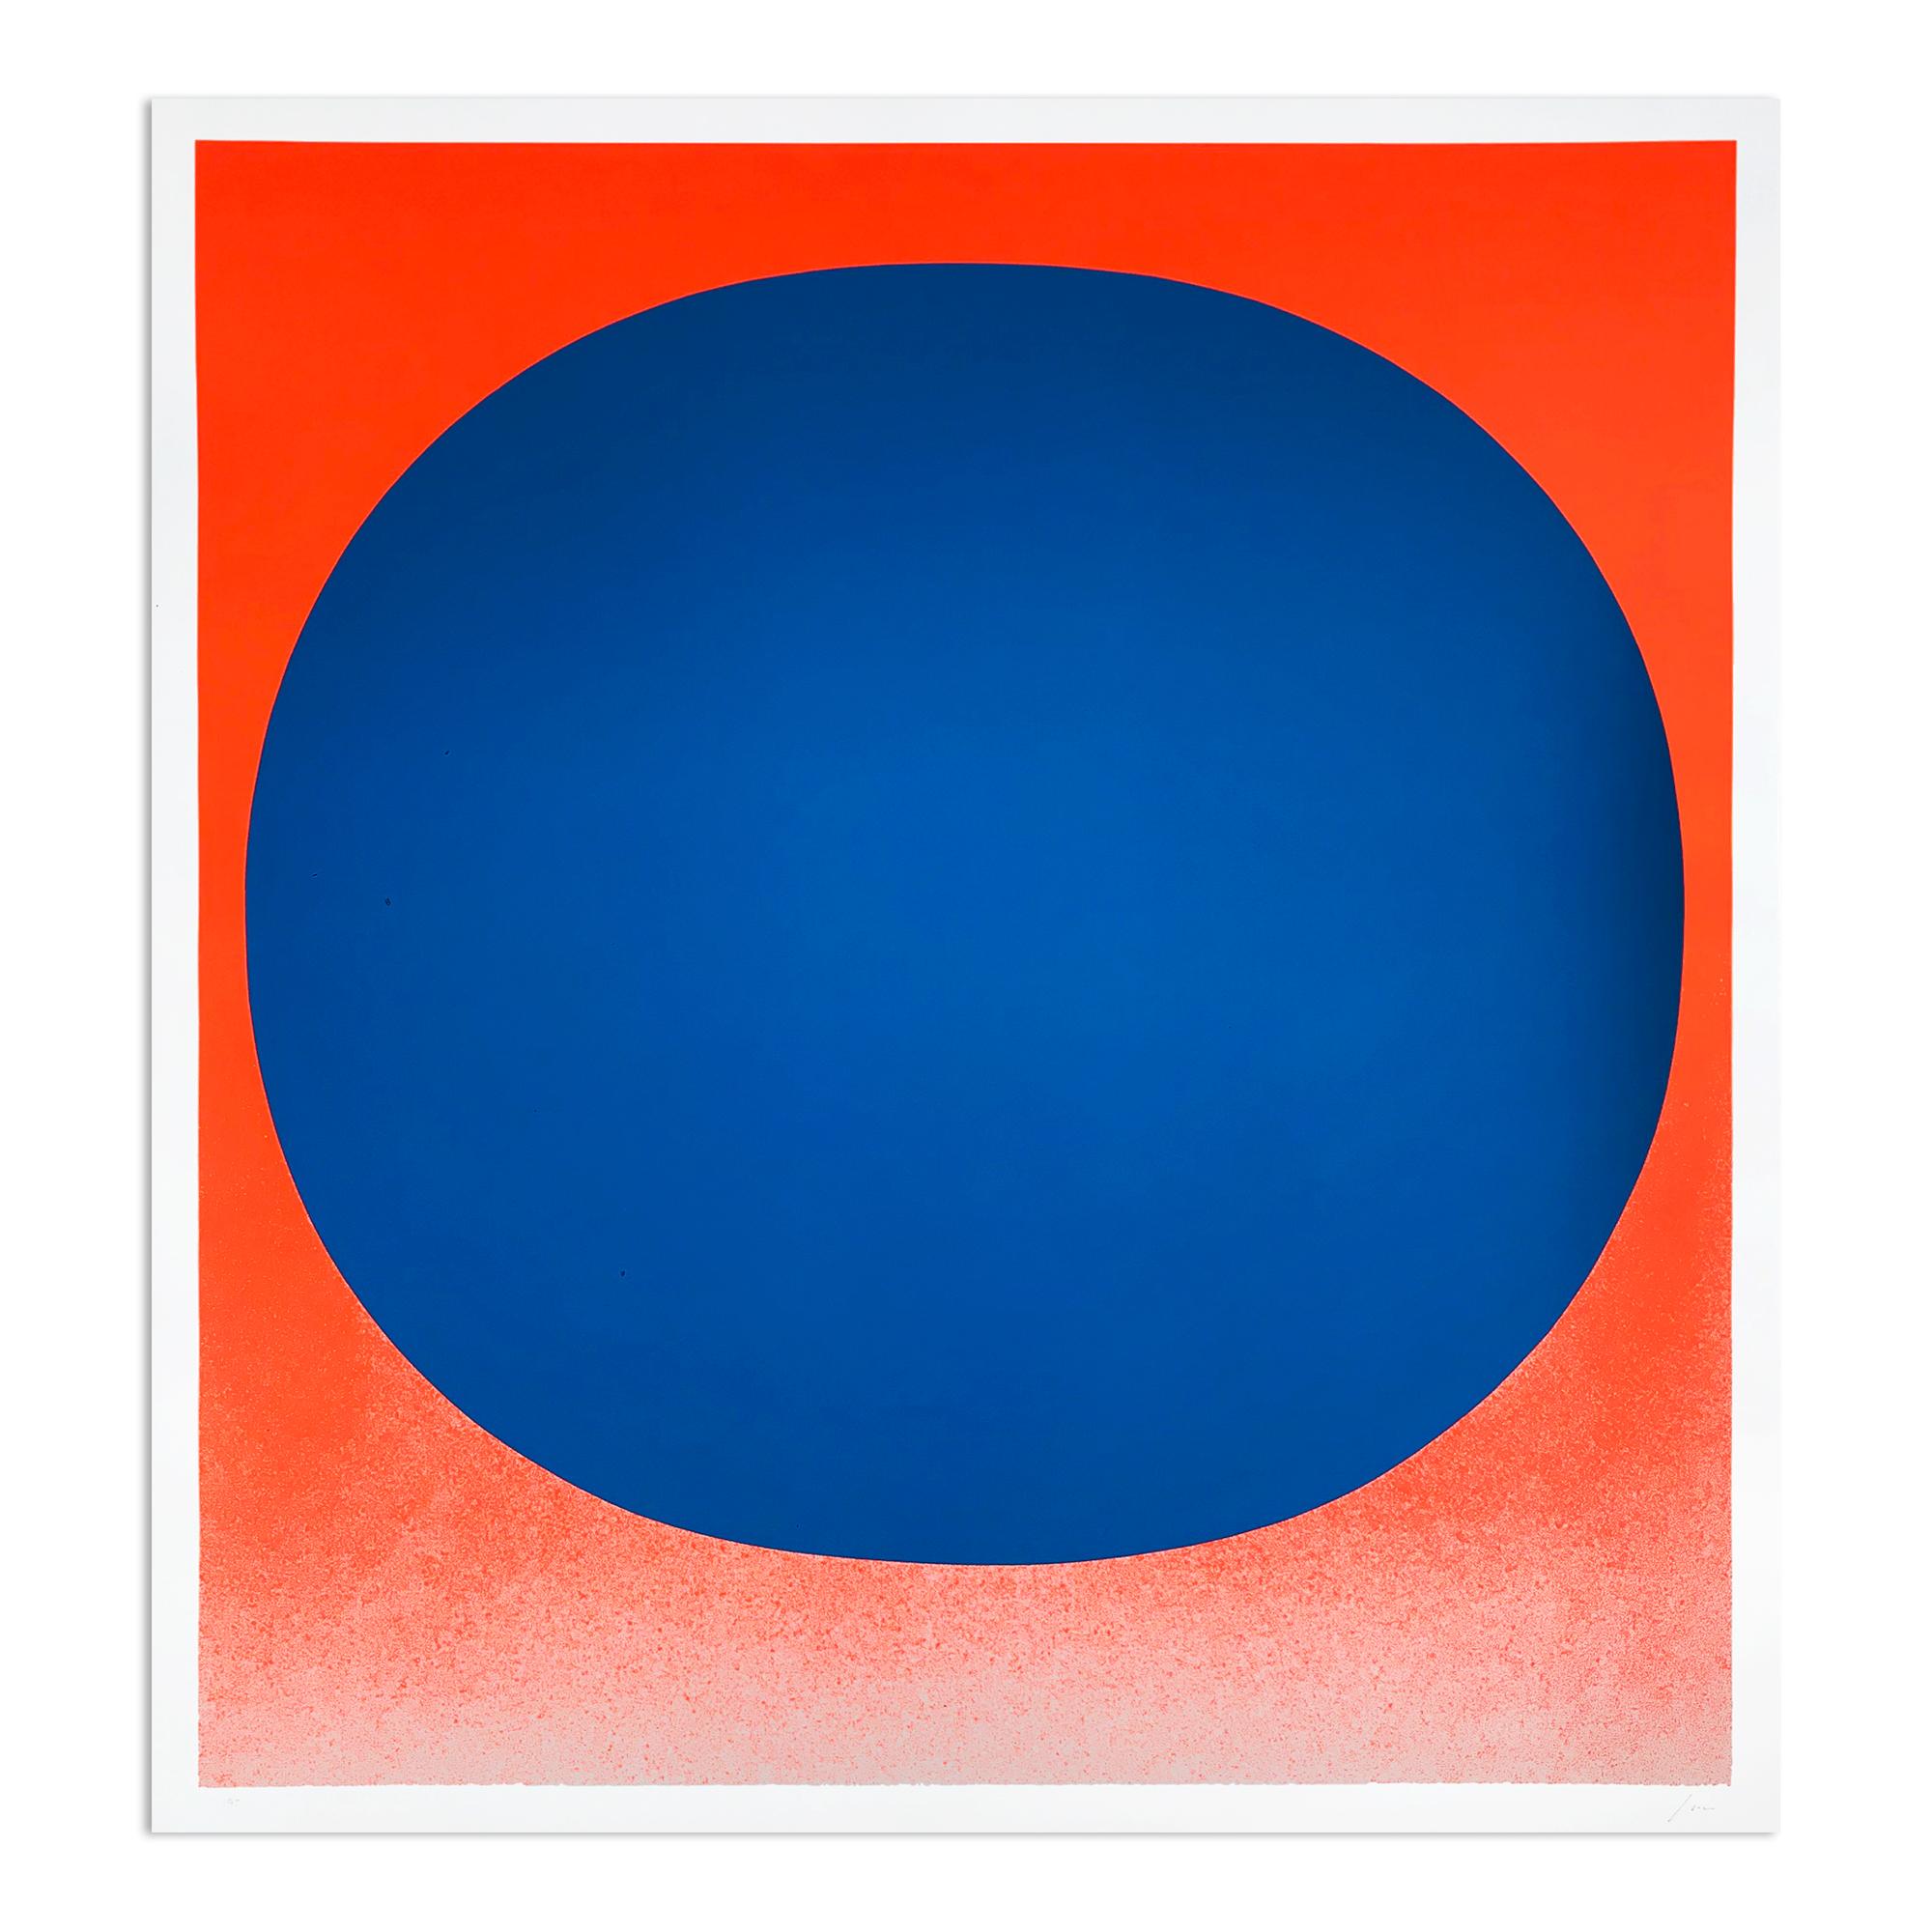 Blue On Orange by Rupprecht Geiger